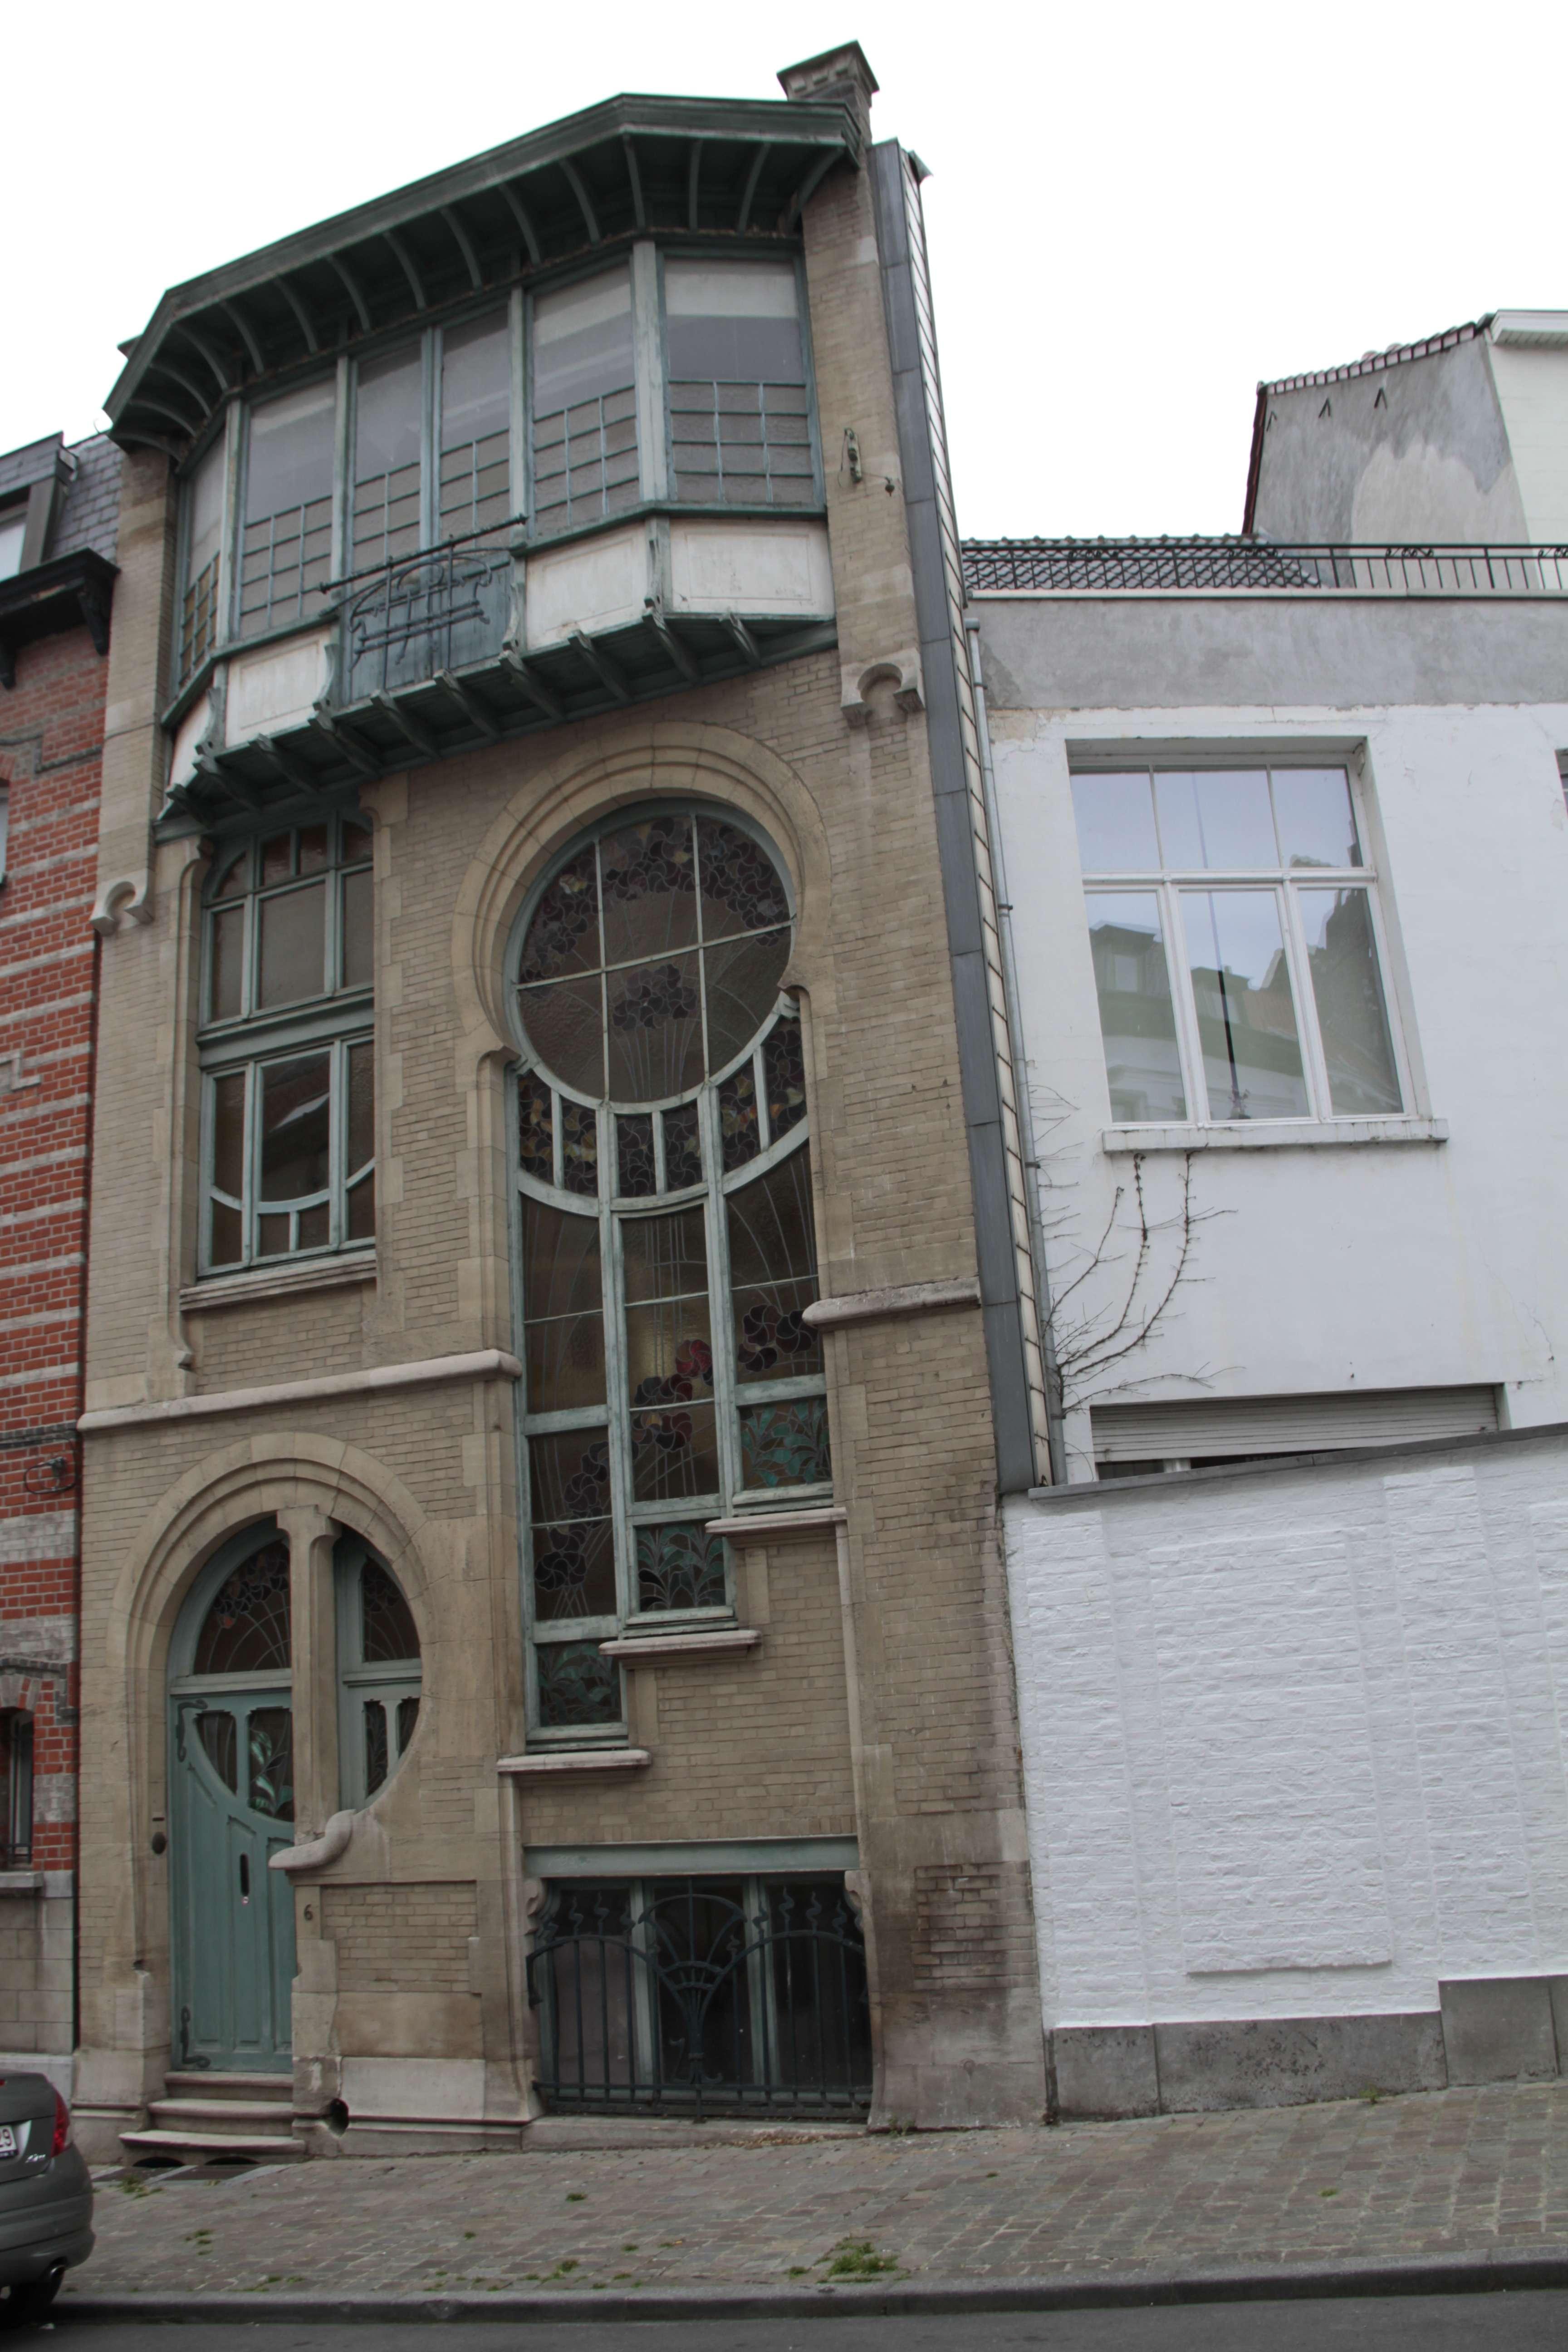 Belgique mai 2015_0240 Bruxelles circuit Art nouveau 6 rue du Lac